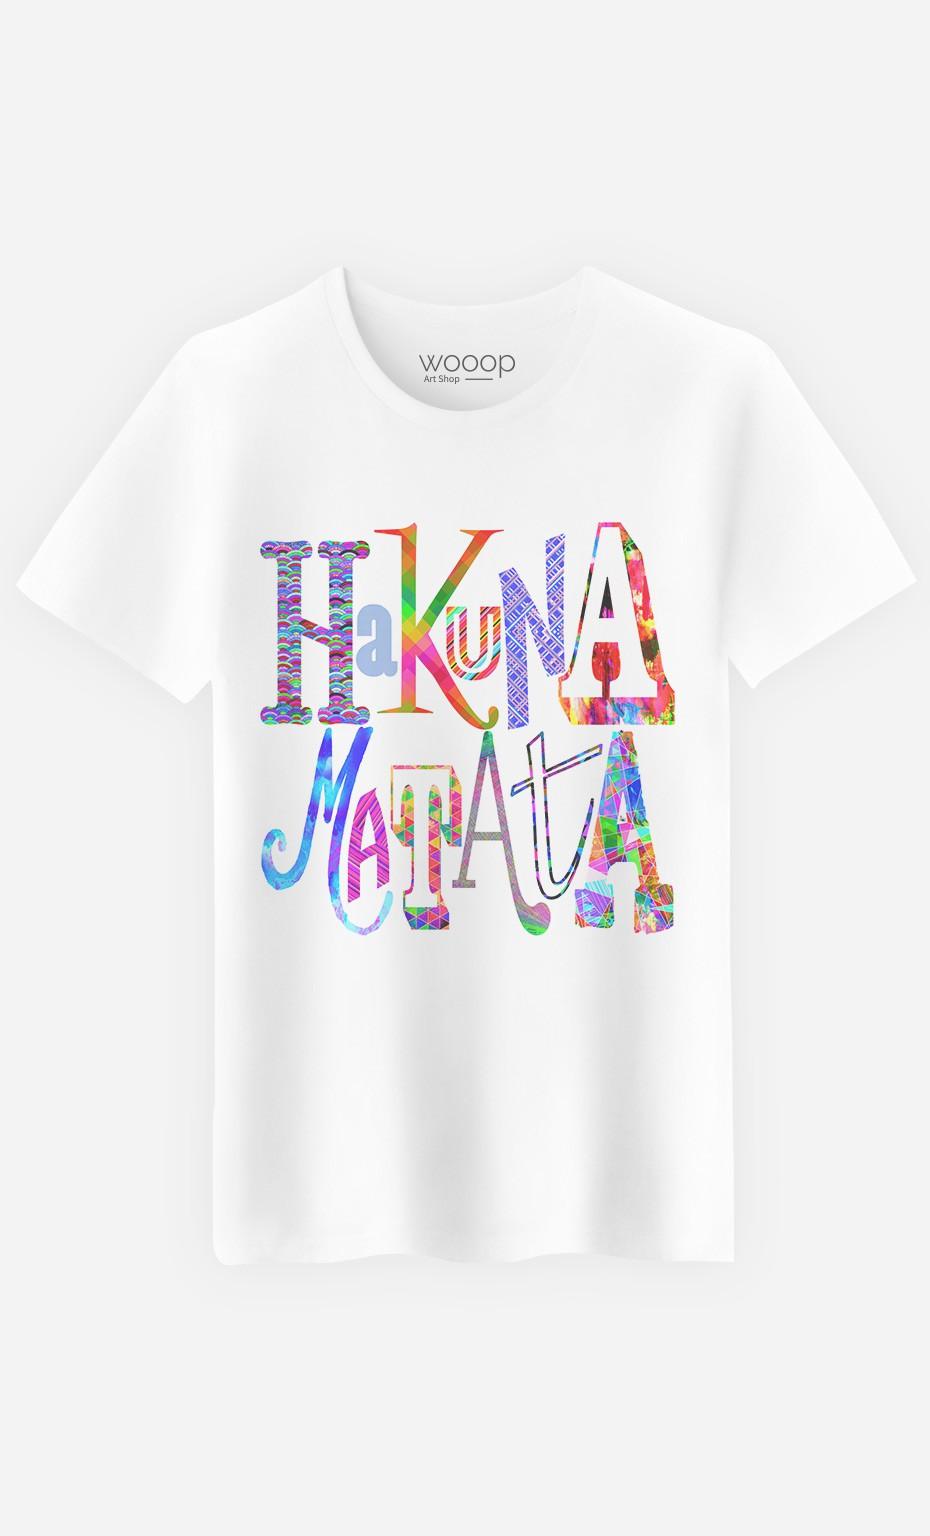 2aac4bc1 T-Shirt Hakuna Matata Color - Art Shop - Wooop.com